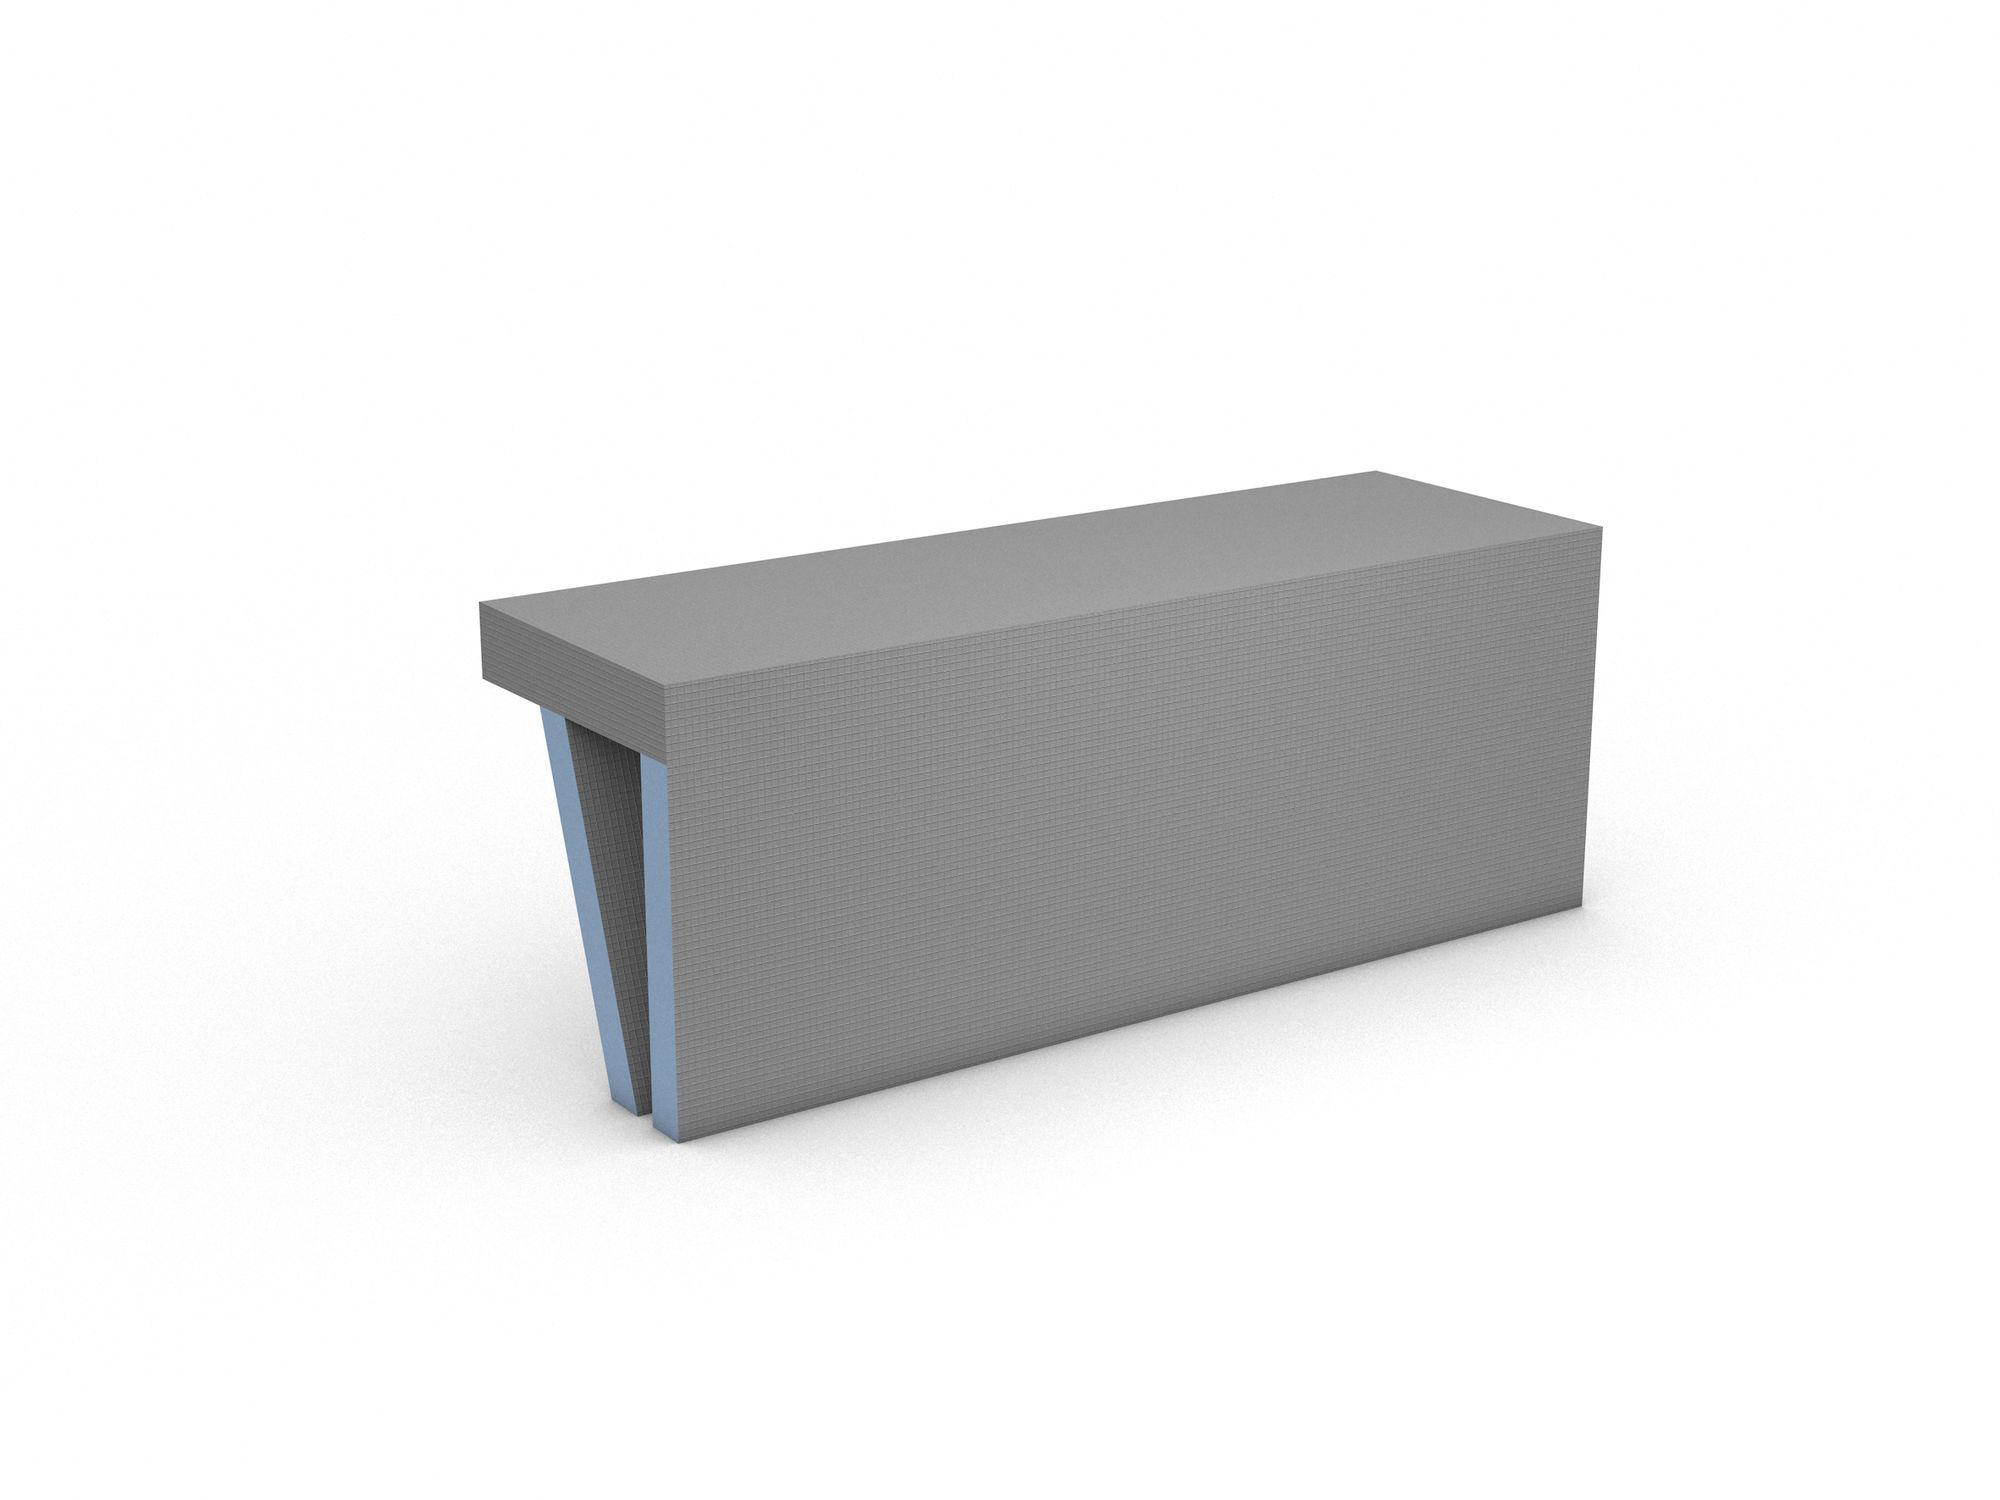 Sedile Per Doccia : Sedile per doccia fisso da parete in composito contract